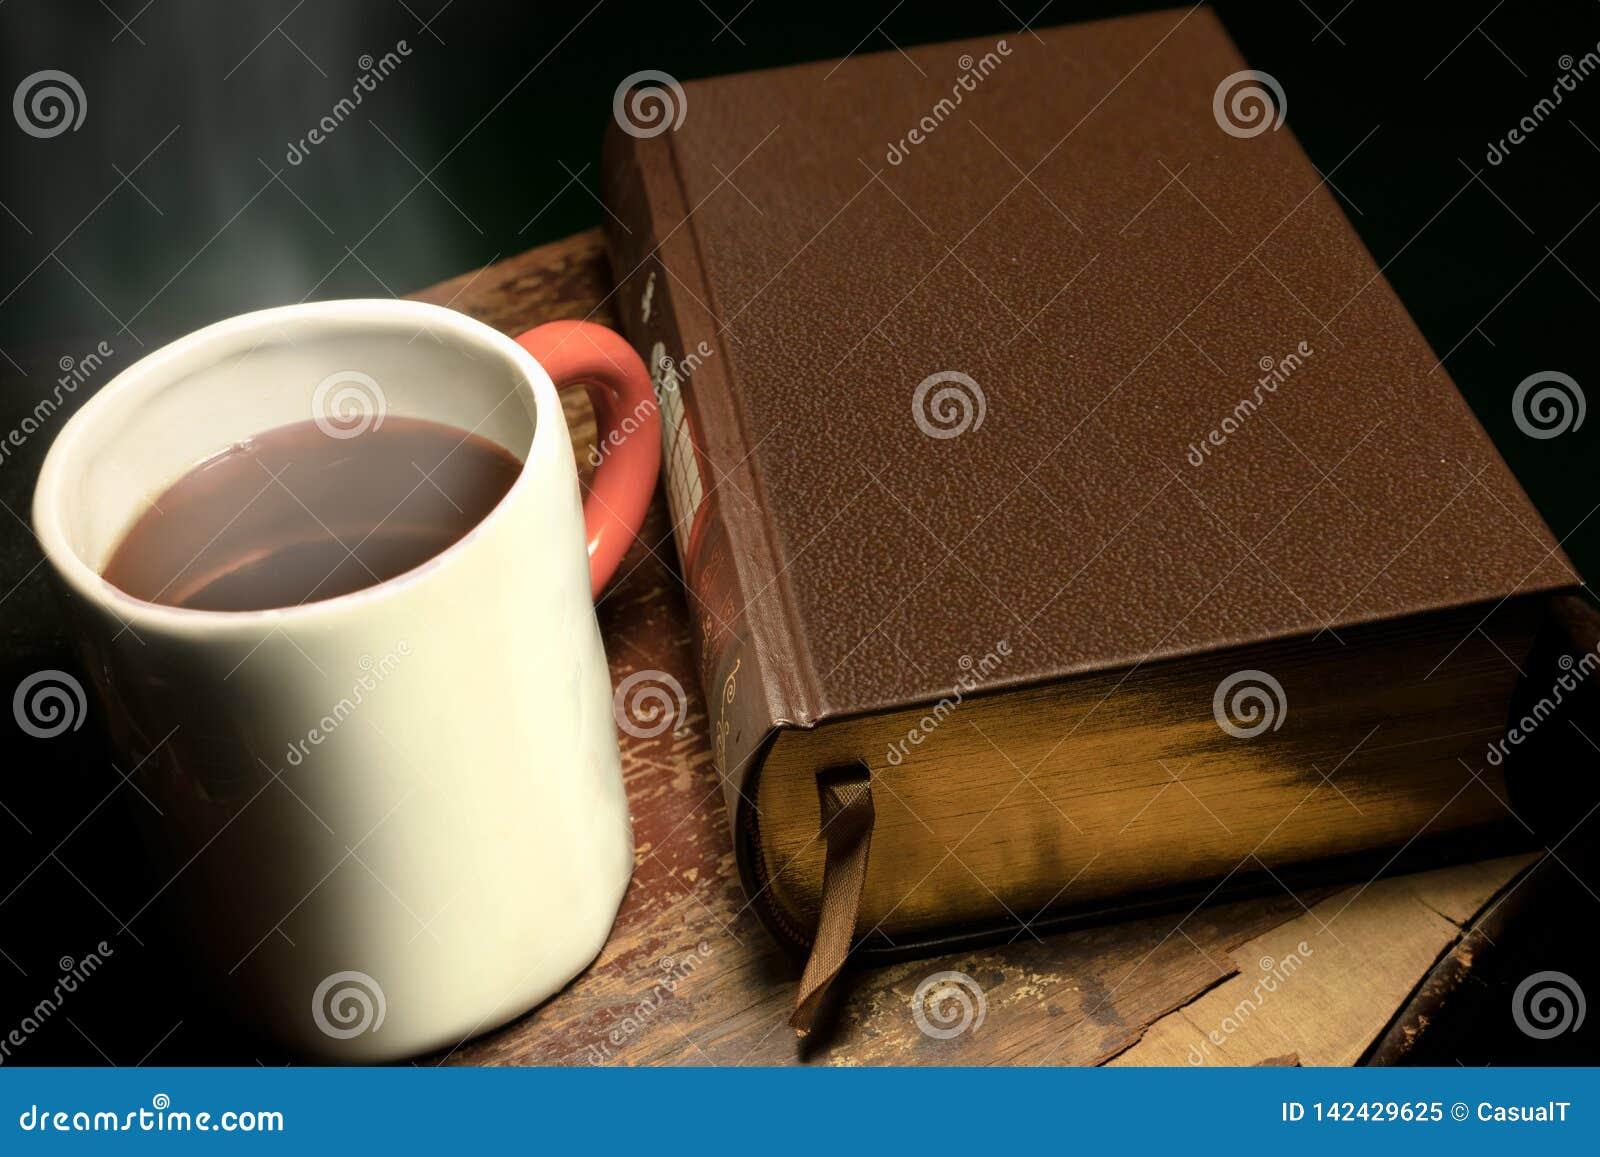 A rånar med kokhett te eller kaffe som förläggas bredvid en stor läder-destinerad bok, på en gammal och sliten trätabell